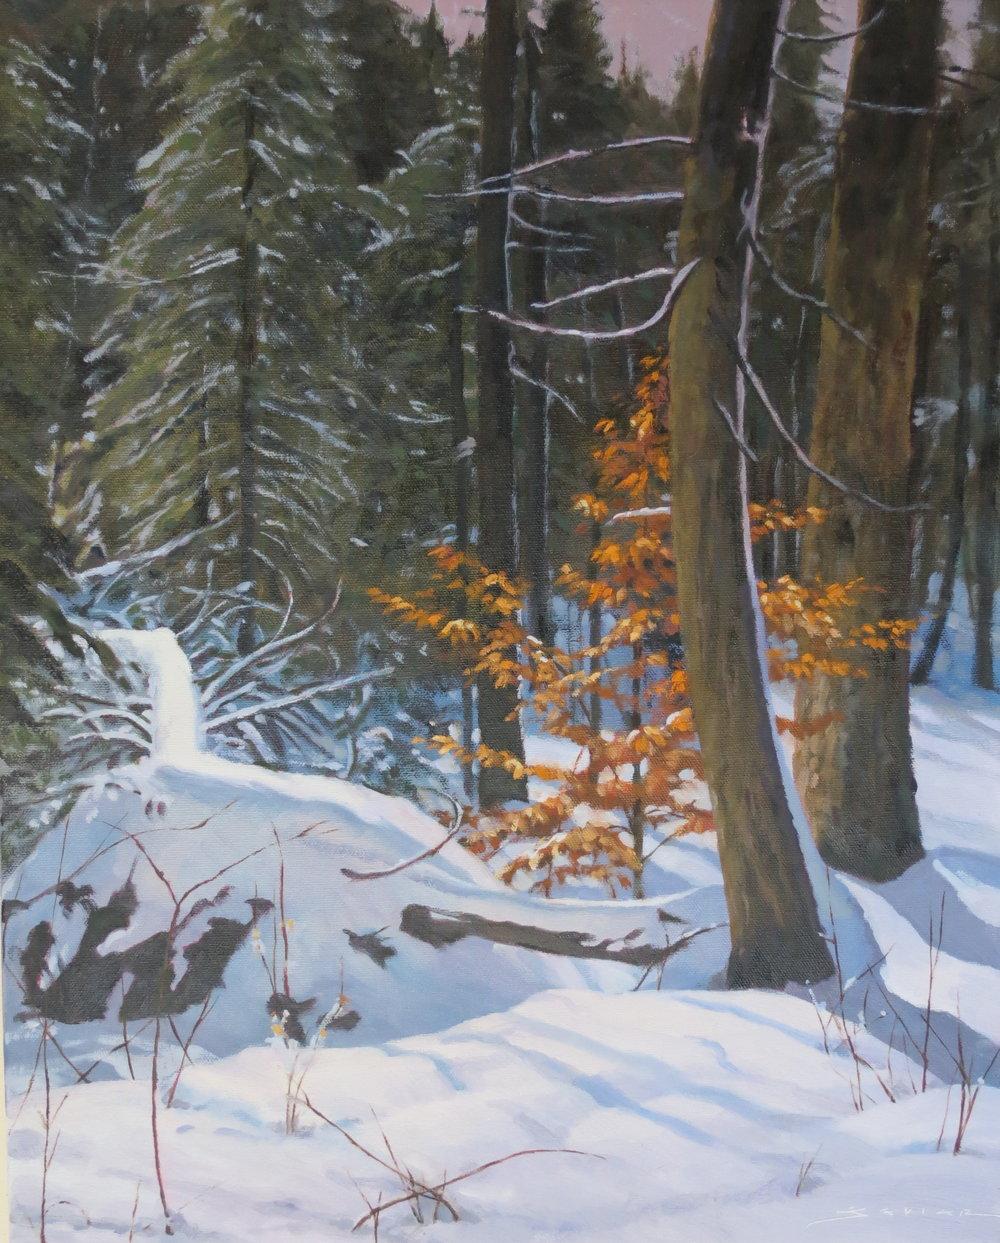 Algonquin Winter, 20 x 16, oil